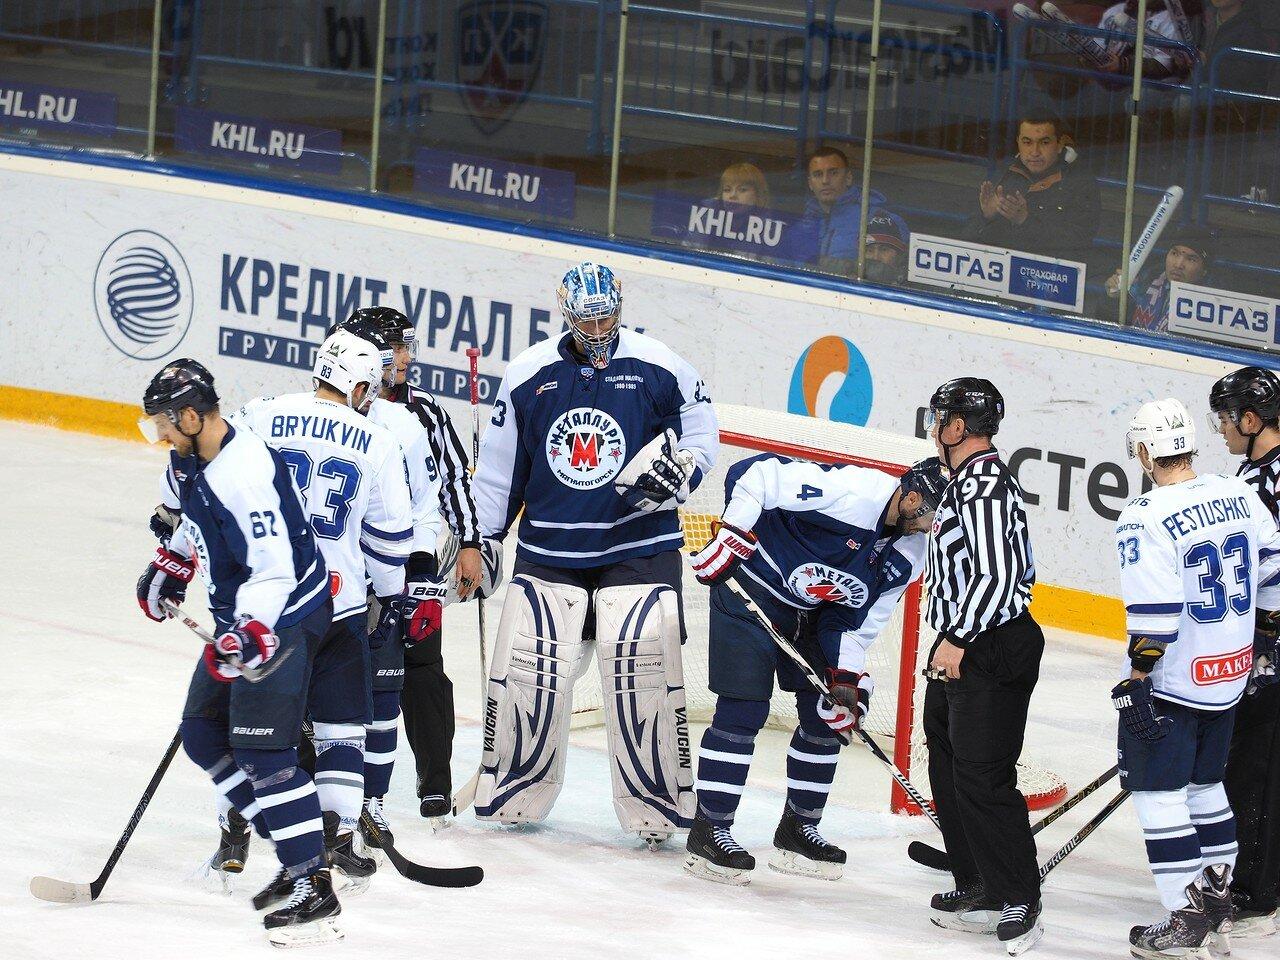 118Металлург - Динамо Москва 28.12.2015